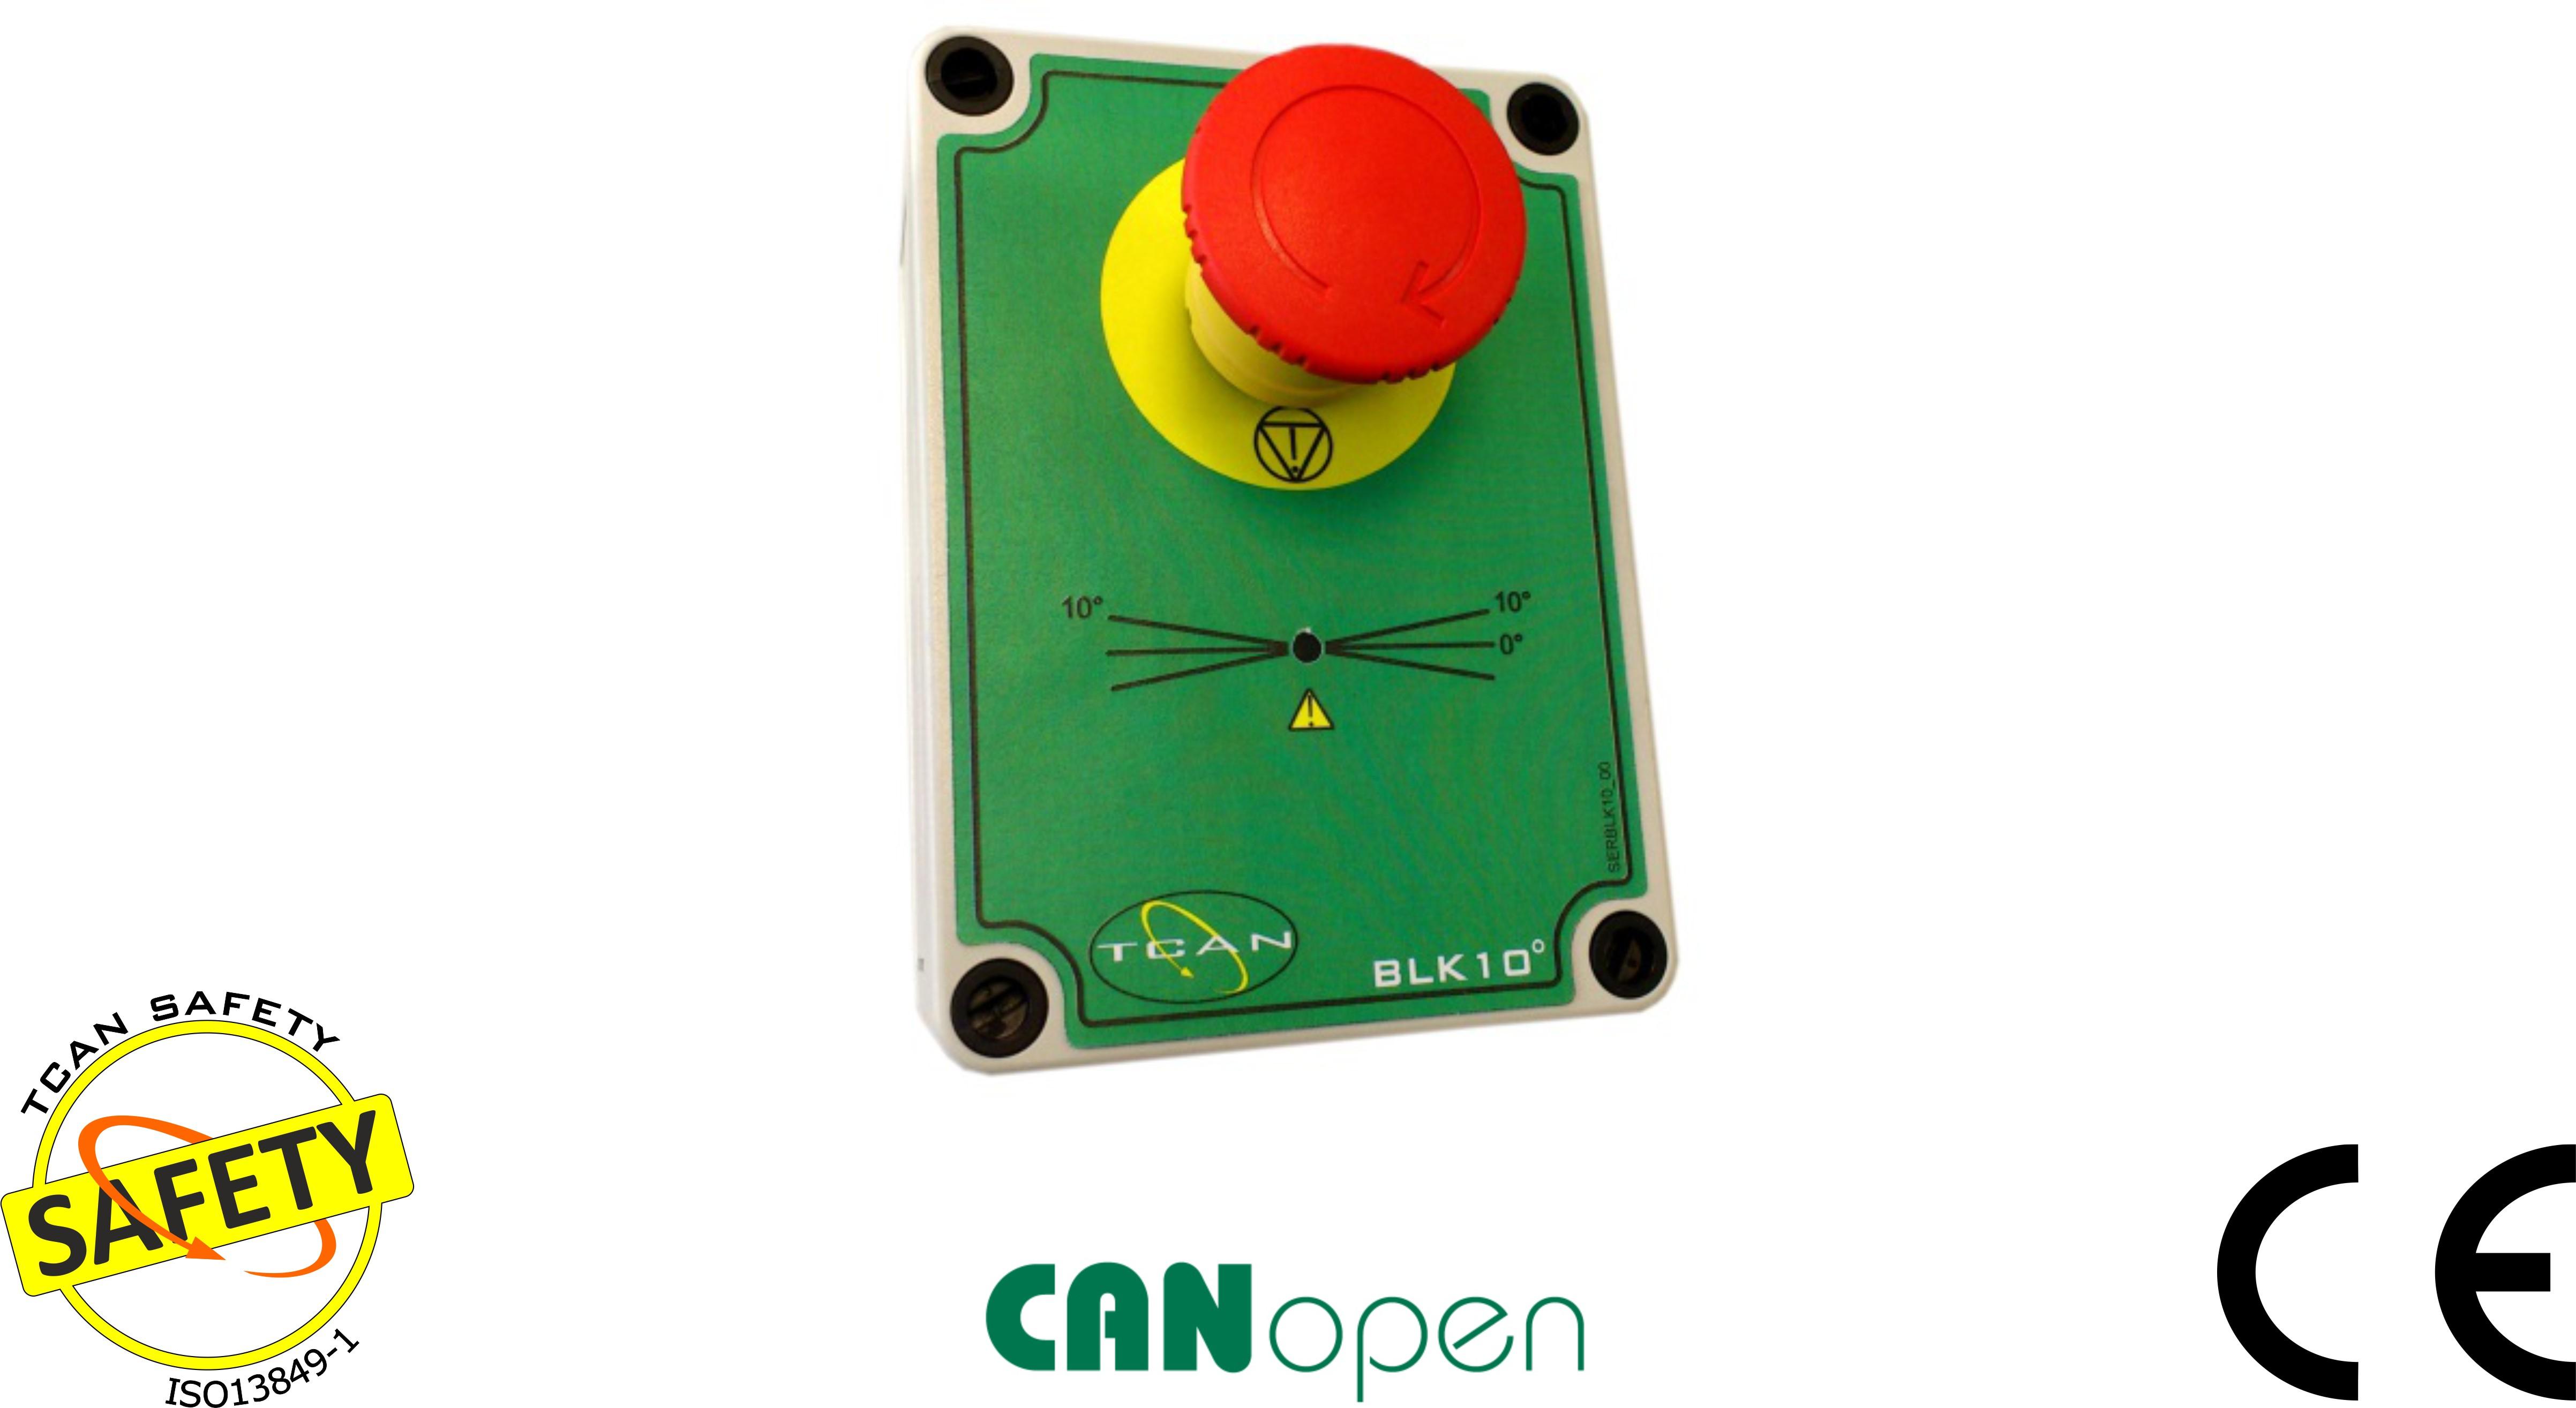 TCAN-BLK10 Image